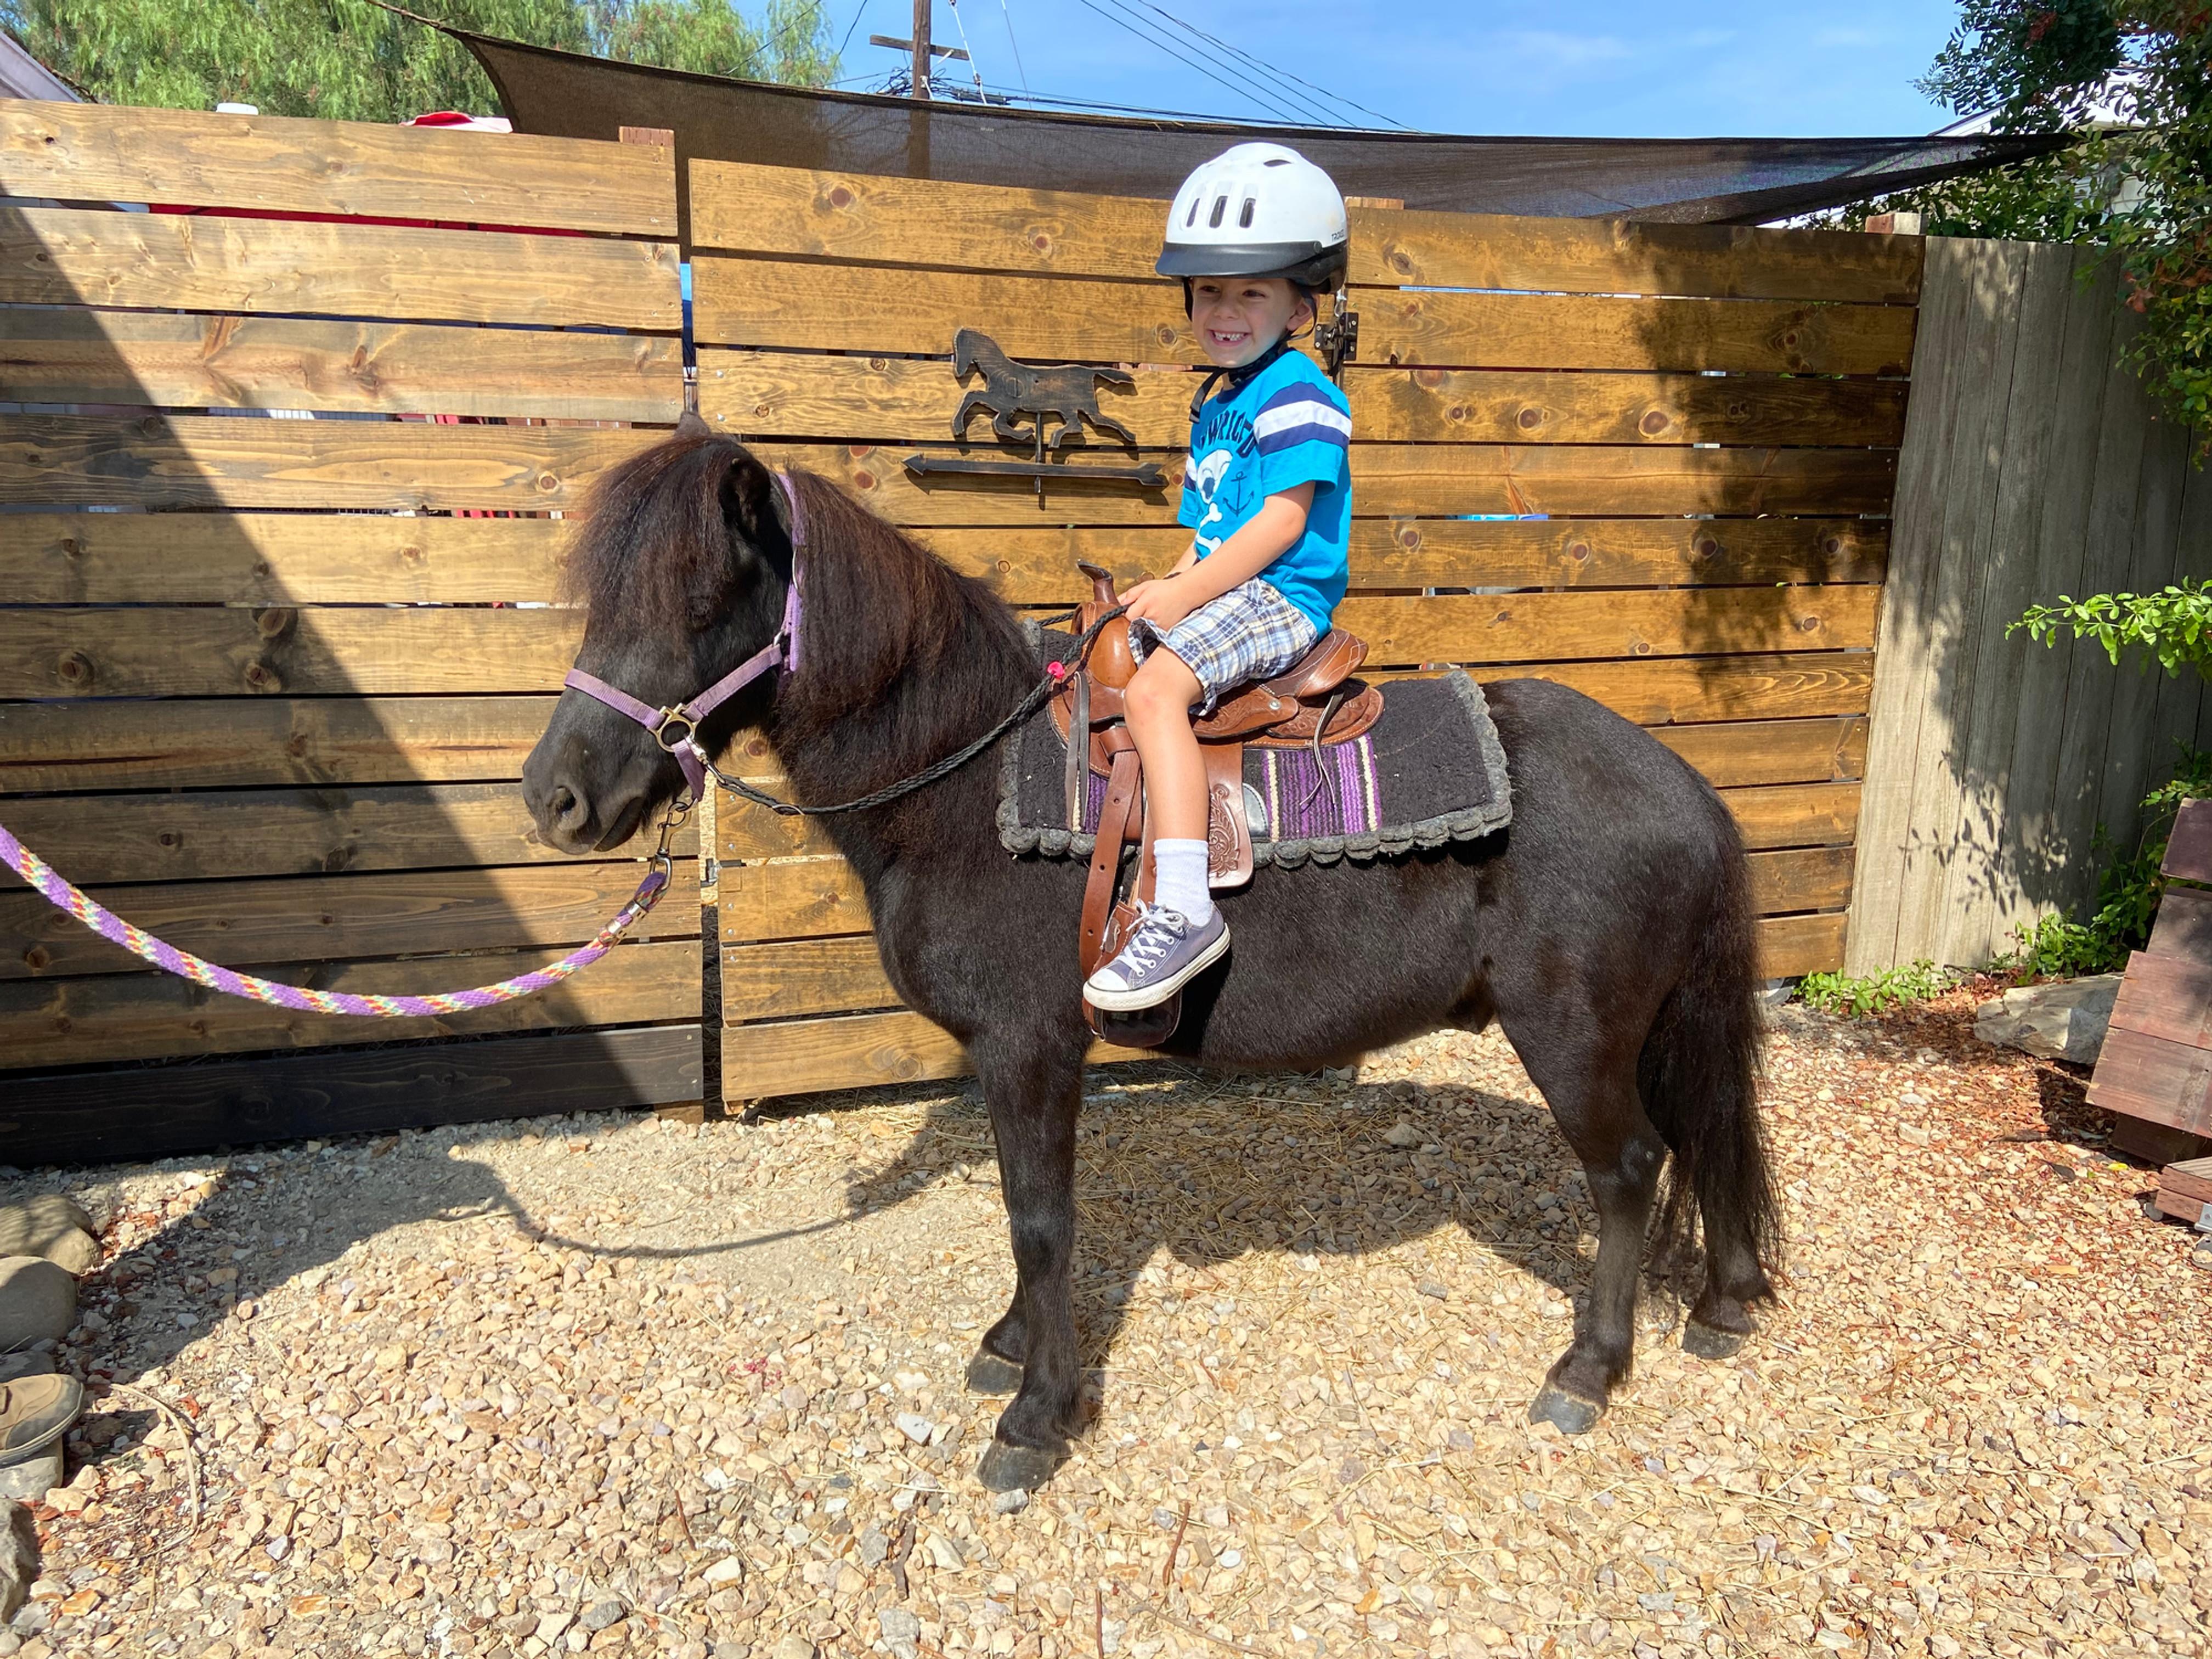 Pony Ride - 1 Pony 2 Hours